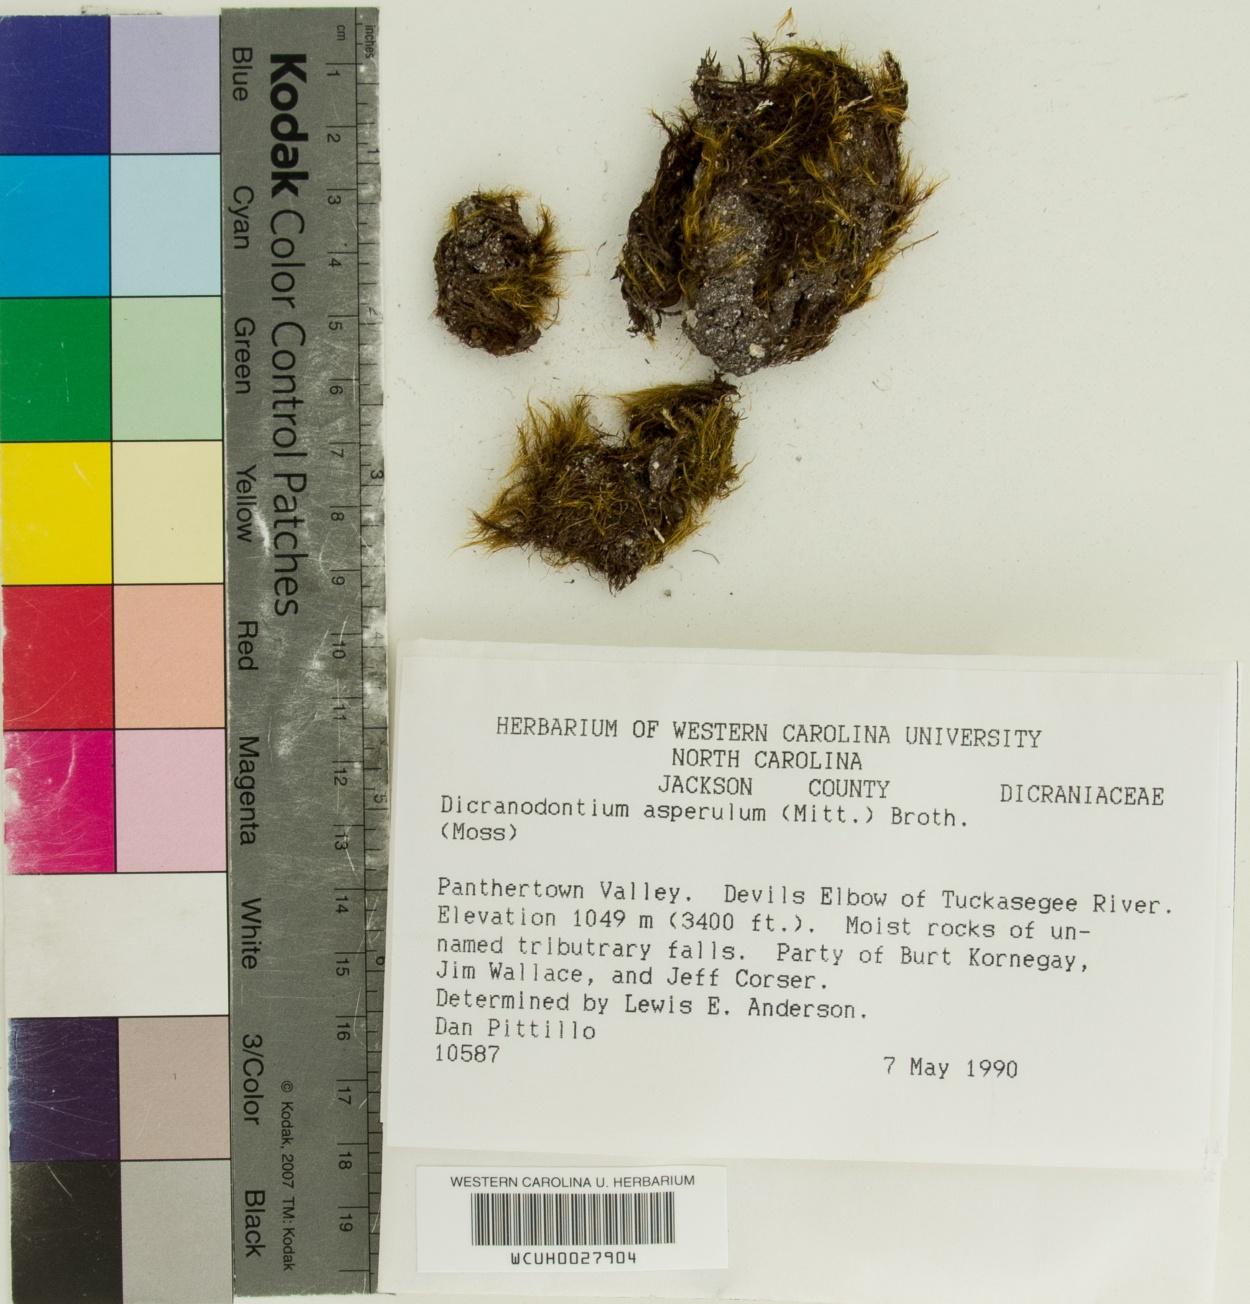 Dicranodontium image